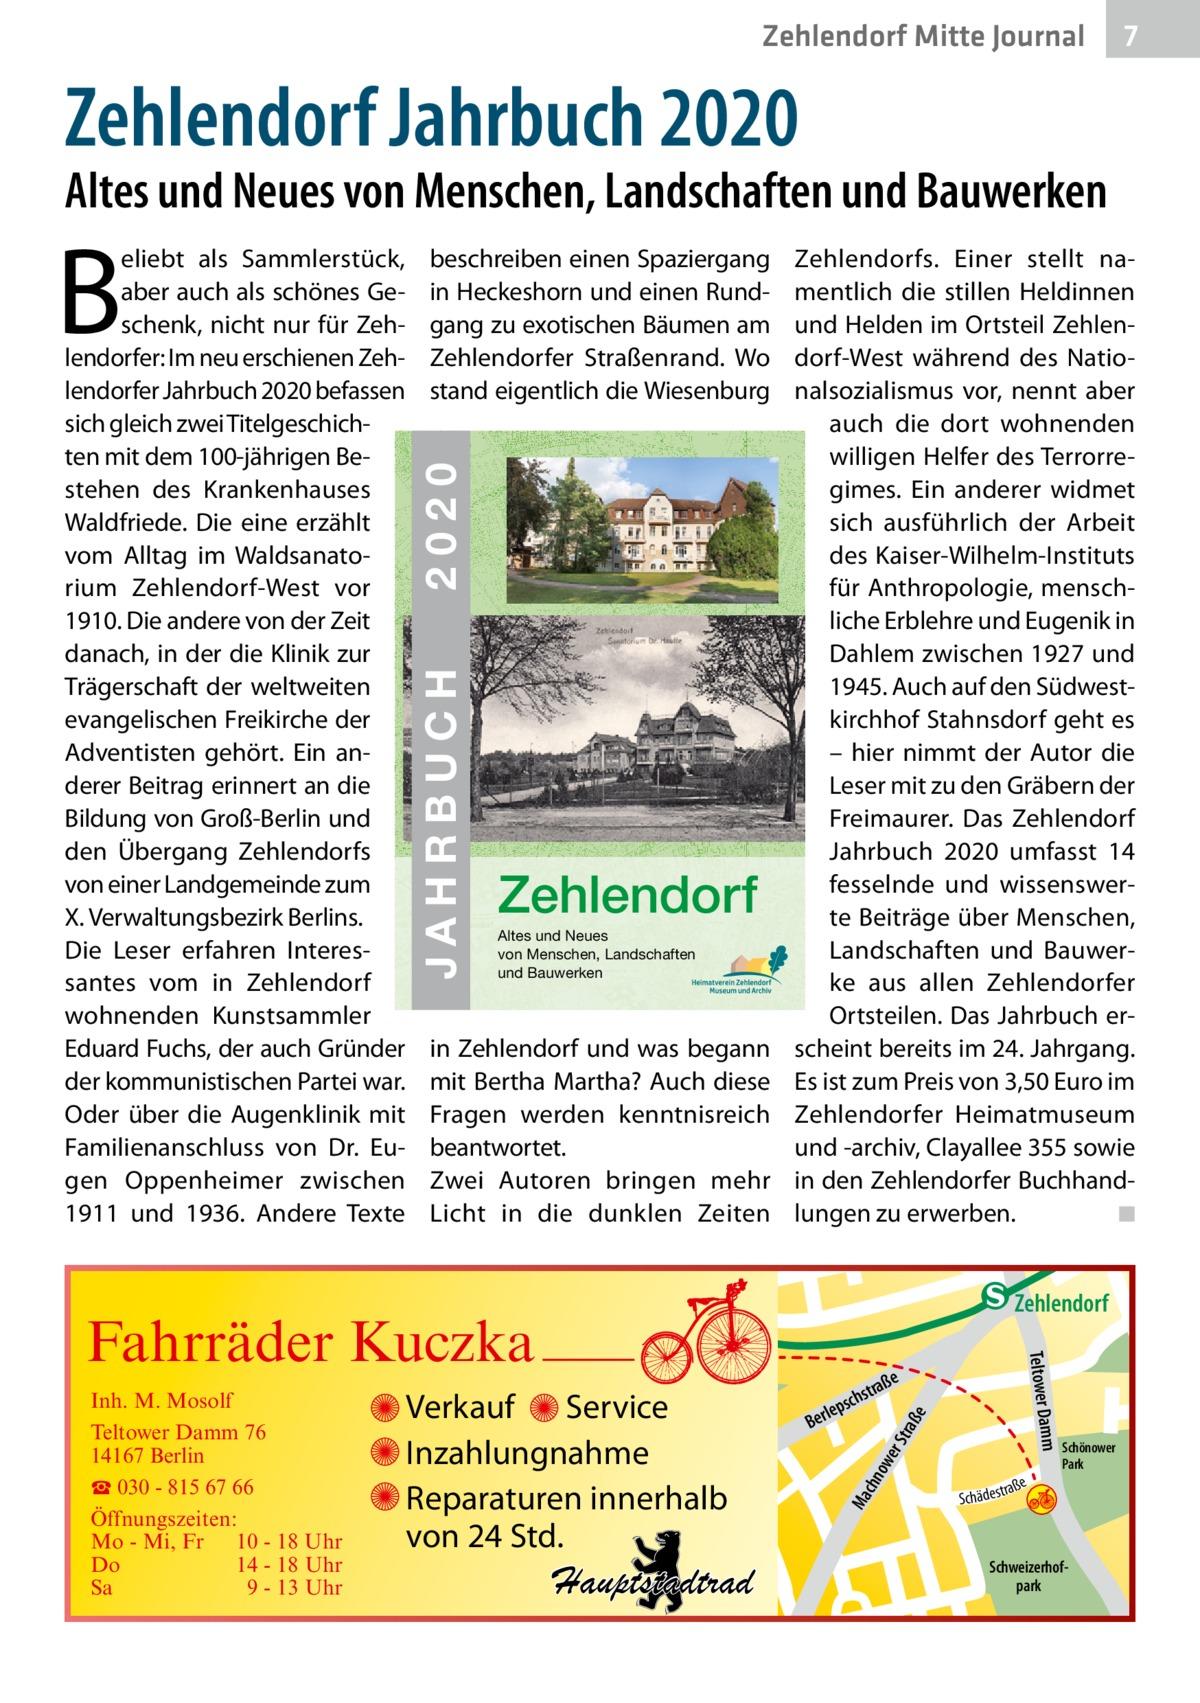 Zehlendorf Mitte Journal  7  Zehlendorf Jahrbuch 2020  Altes und Neues von Menschen, Landschaften und Bauwerken  JAHRBUCH 2020 ZEHLENDORF  2020  ISBN 978-3-9818311-3-9  € 3,50  beschreiben einen Spaziergang in Heckeshorn und einen Rundgang zu exotischen Bäumen am Zehlendorfer Straßenrand. Wo stand eigentlich die Wiesenburg  JAHRBUCH  B  eliebt als Sammlerstück, aber auch als schönes Geschenk, nicht nur für Zehlendorfer: Im neu erschienen Zehlendorfer Jahrbuch 2020 befassen sich gleich zwei Titelgeschichten mit dem 100-jährigen Be- 24 stehen des Krankenhauses Waldfriede. Die eine erzählt vom Alltag im Waldsanatorium Zehlendorf-West vor 1910. Die andere von der Zeit danach, in der die Klinik zur Trägerschaft der weltweiten evangelischen Freikirche der Adventisten gehört. Ein anderer Beitrag erinnert an die Bildung von Groß-Berlin und den Übergang Zehlendorfs von einer Landgemeinde zum X. Verwaltungsbezirk Berlins. Die Leser erfahren Interessantes vom in Zehlendorf wohnenden Kunstsammler Eduard Fuchs, der auch Gründer der kommunistischen Partei war. Oder über die Augenklinik mit Familienanschluss von Dr. Eugen Oppenheimer zwischen 1911 und 1936. Andere Texte  Zehlendorf Altes und Neues von Menschen, Landschaften und Bauwerken  in Zehlendorf und was begann mit Bertha Martha? Auch diese Fragen werden kenntnisreich beantwortet. Zwei Autoren bringen mehr Licht in die dunklen Zeiten  Zehlendorfs. Einer stellt namentlich die stillen Heldinnen und Helden im Ortsteil Zehlendorf-West während des Nationalsozialismus vor, nennt aber auch die dort wohnenden willigen Helfer des Terrorregimes. Ein anderer widmet sich ausführlich der Arbeit des Kaiser-Wilhelm-Instituts für Anthropologie, menschliche Erblehre und Eugenik in Dahlem zwischen 1927 und 1945. Auch auf den Südwestkirchhof Stahnsdorf geht es – hier nimmt der Autor die Leser mit zu den Gräbern der Freimaurer. Das Zehlendorf Jahrbuch 2020 umfasst 14 fesselnde und wissenswerte Beiträge über Menschen, Landschaften und Bauwerke a